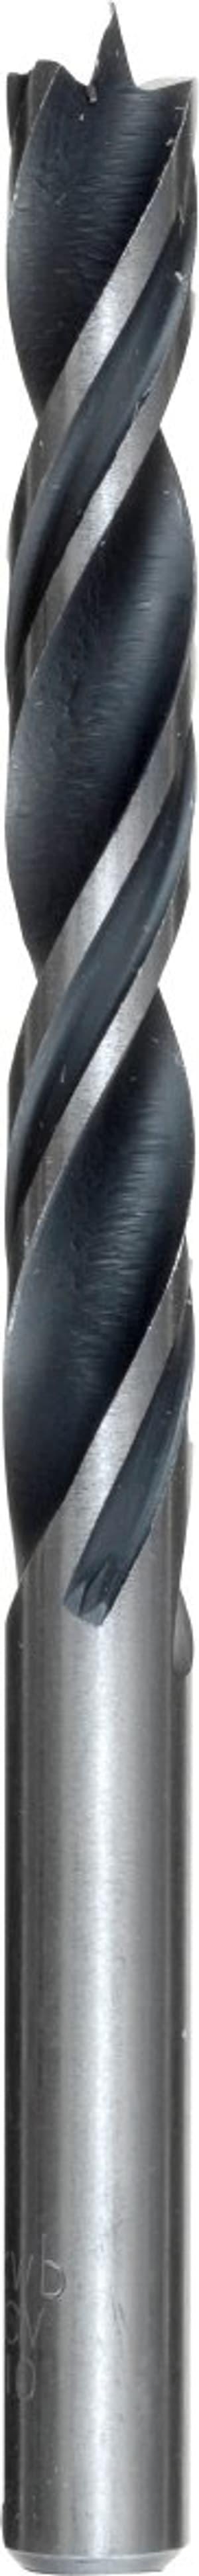 Punte elicoidali, ø 5,0 mm